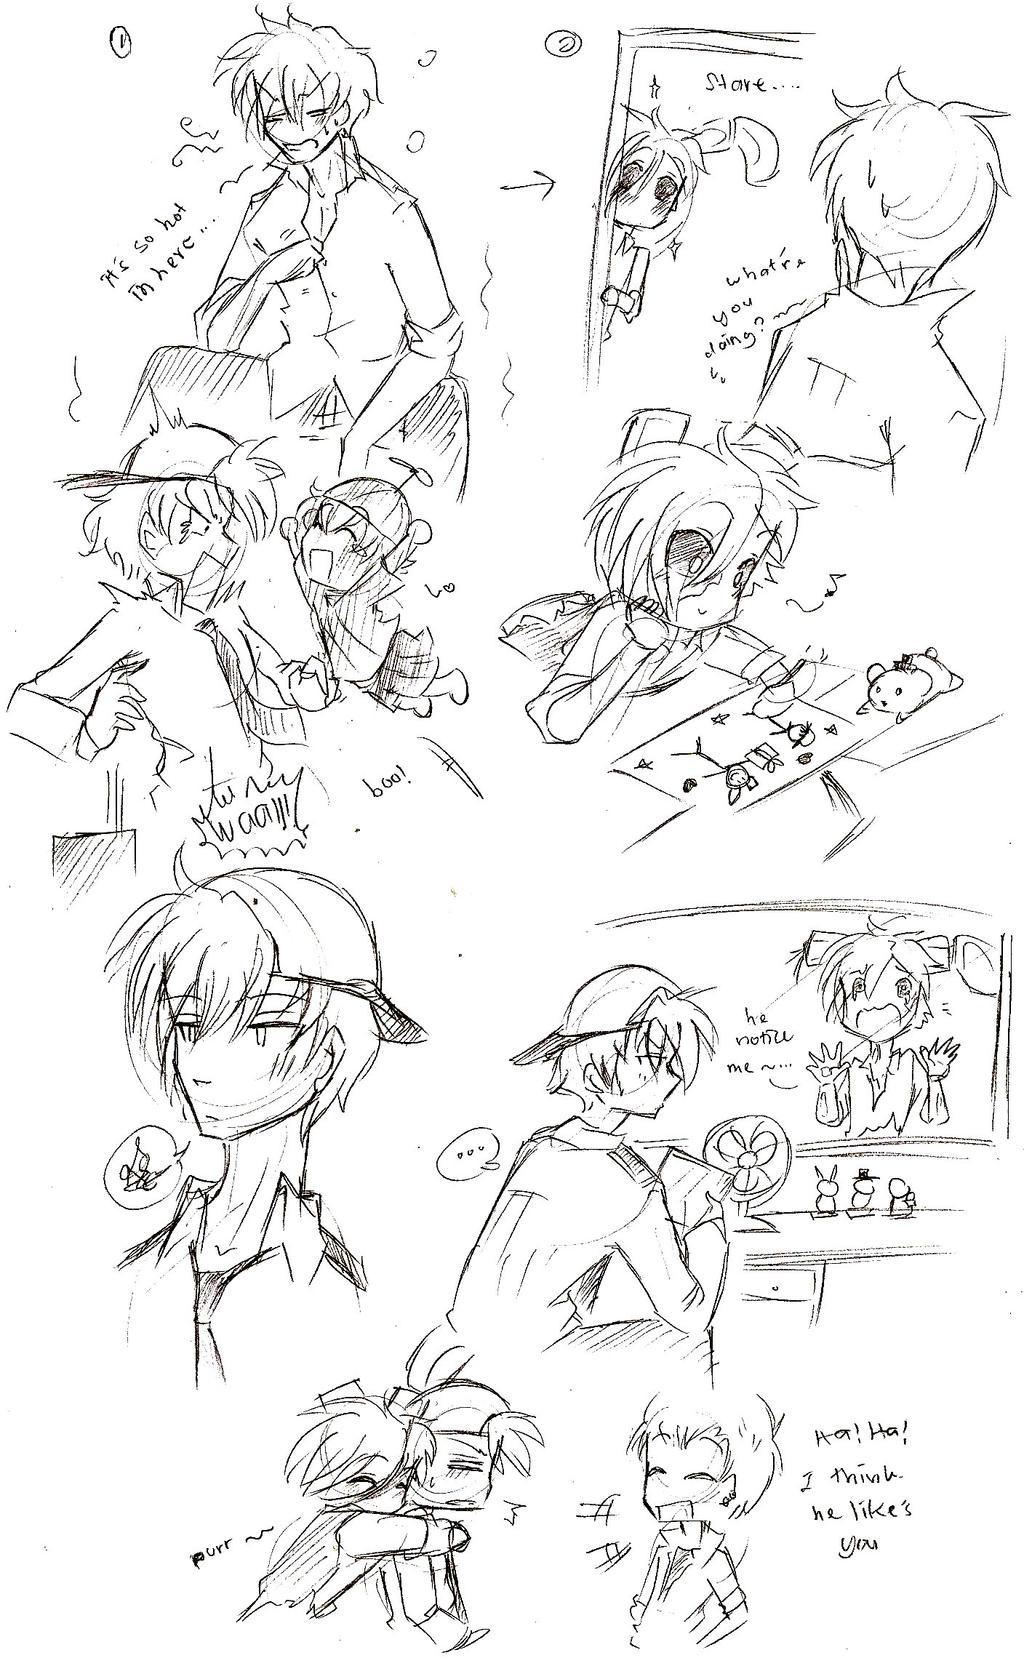 Just a lil flirt - 3 part 3